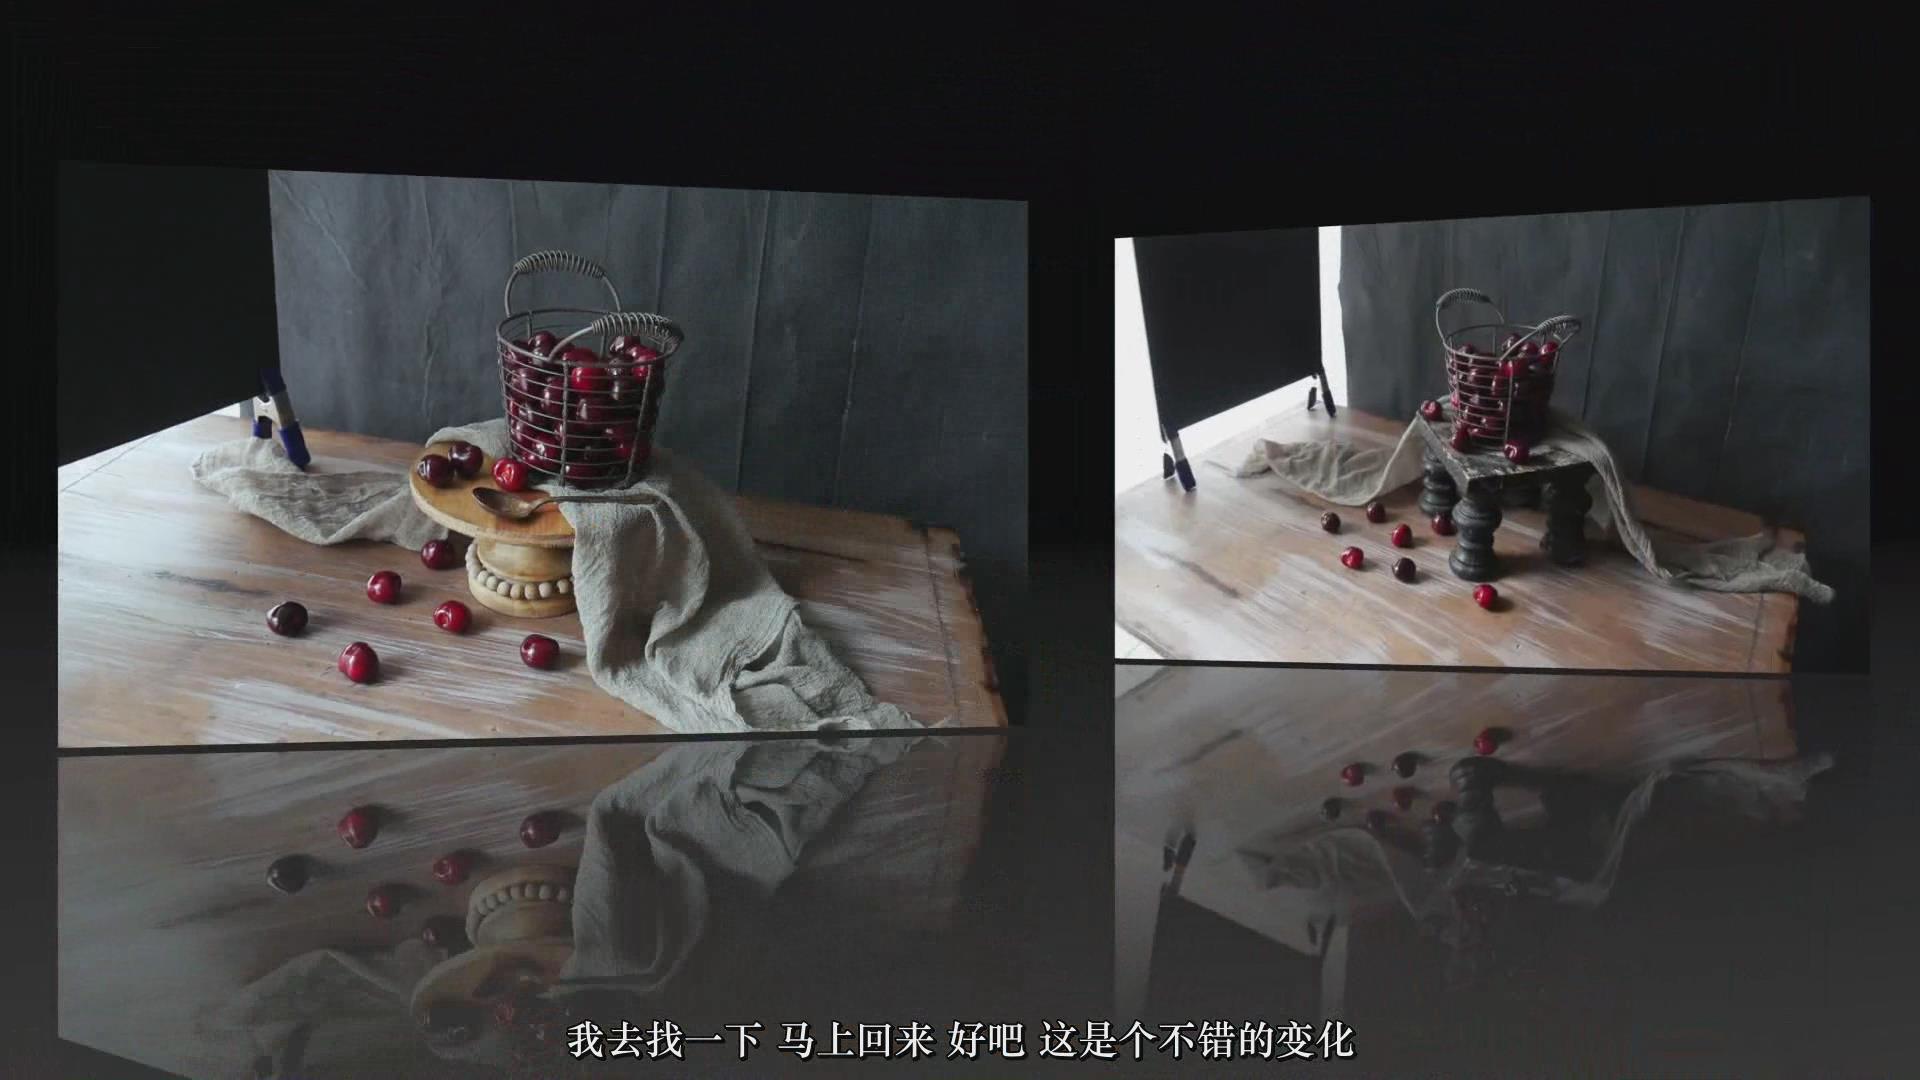 摄影教程_Lenslab –静物花卉产品摄影掌握色彩突破艺术界限研讨会-中文字幕 摄影教程 _预览图21